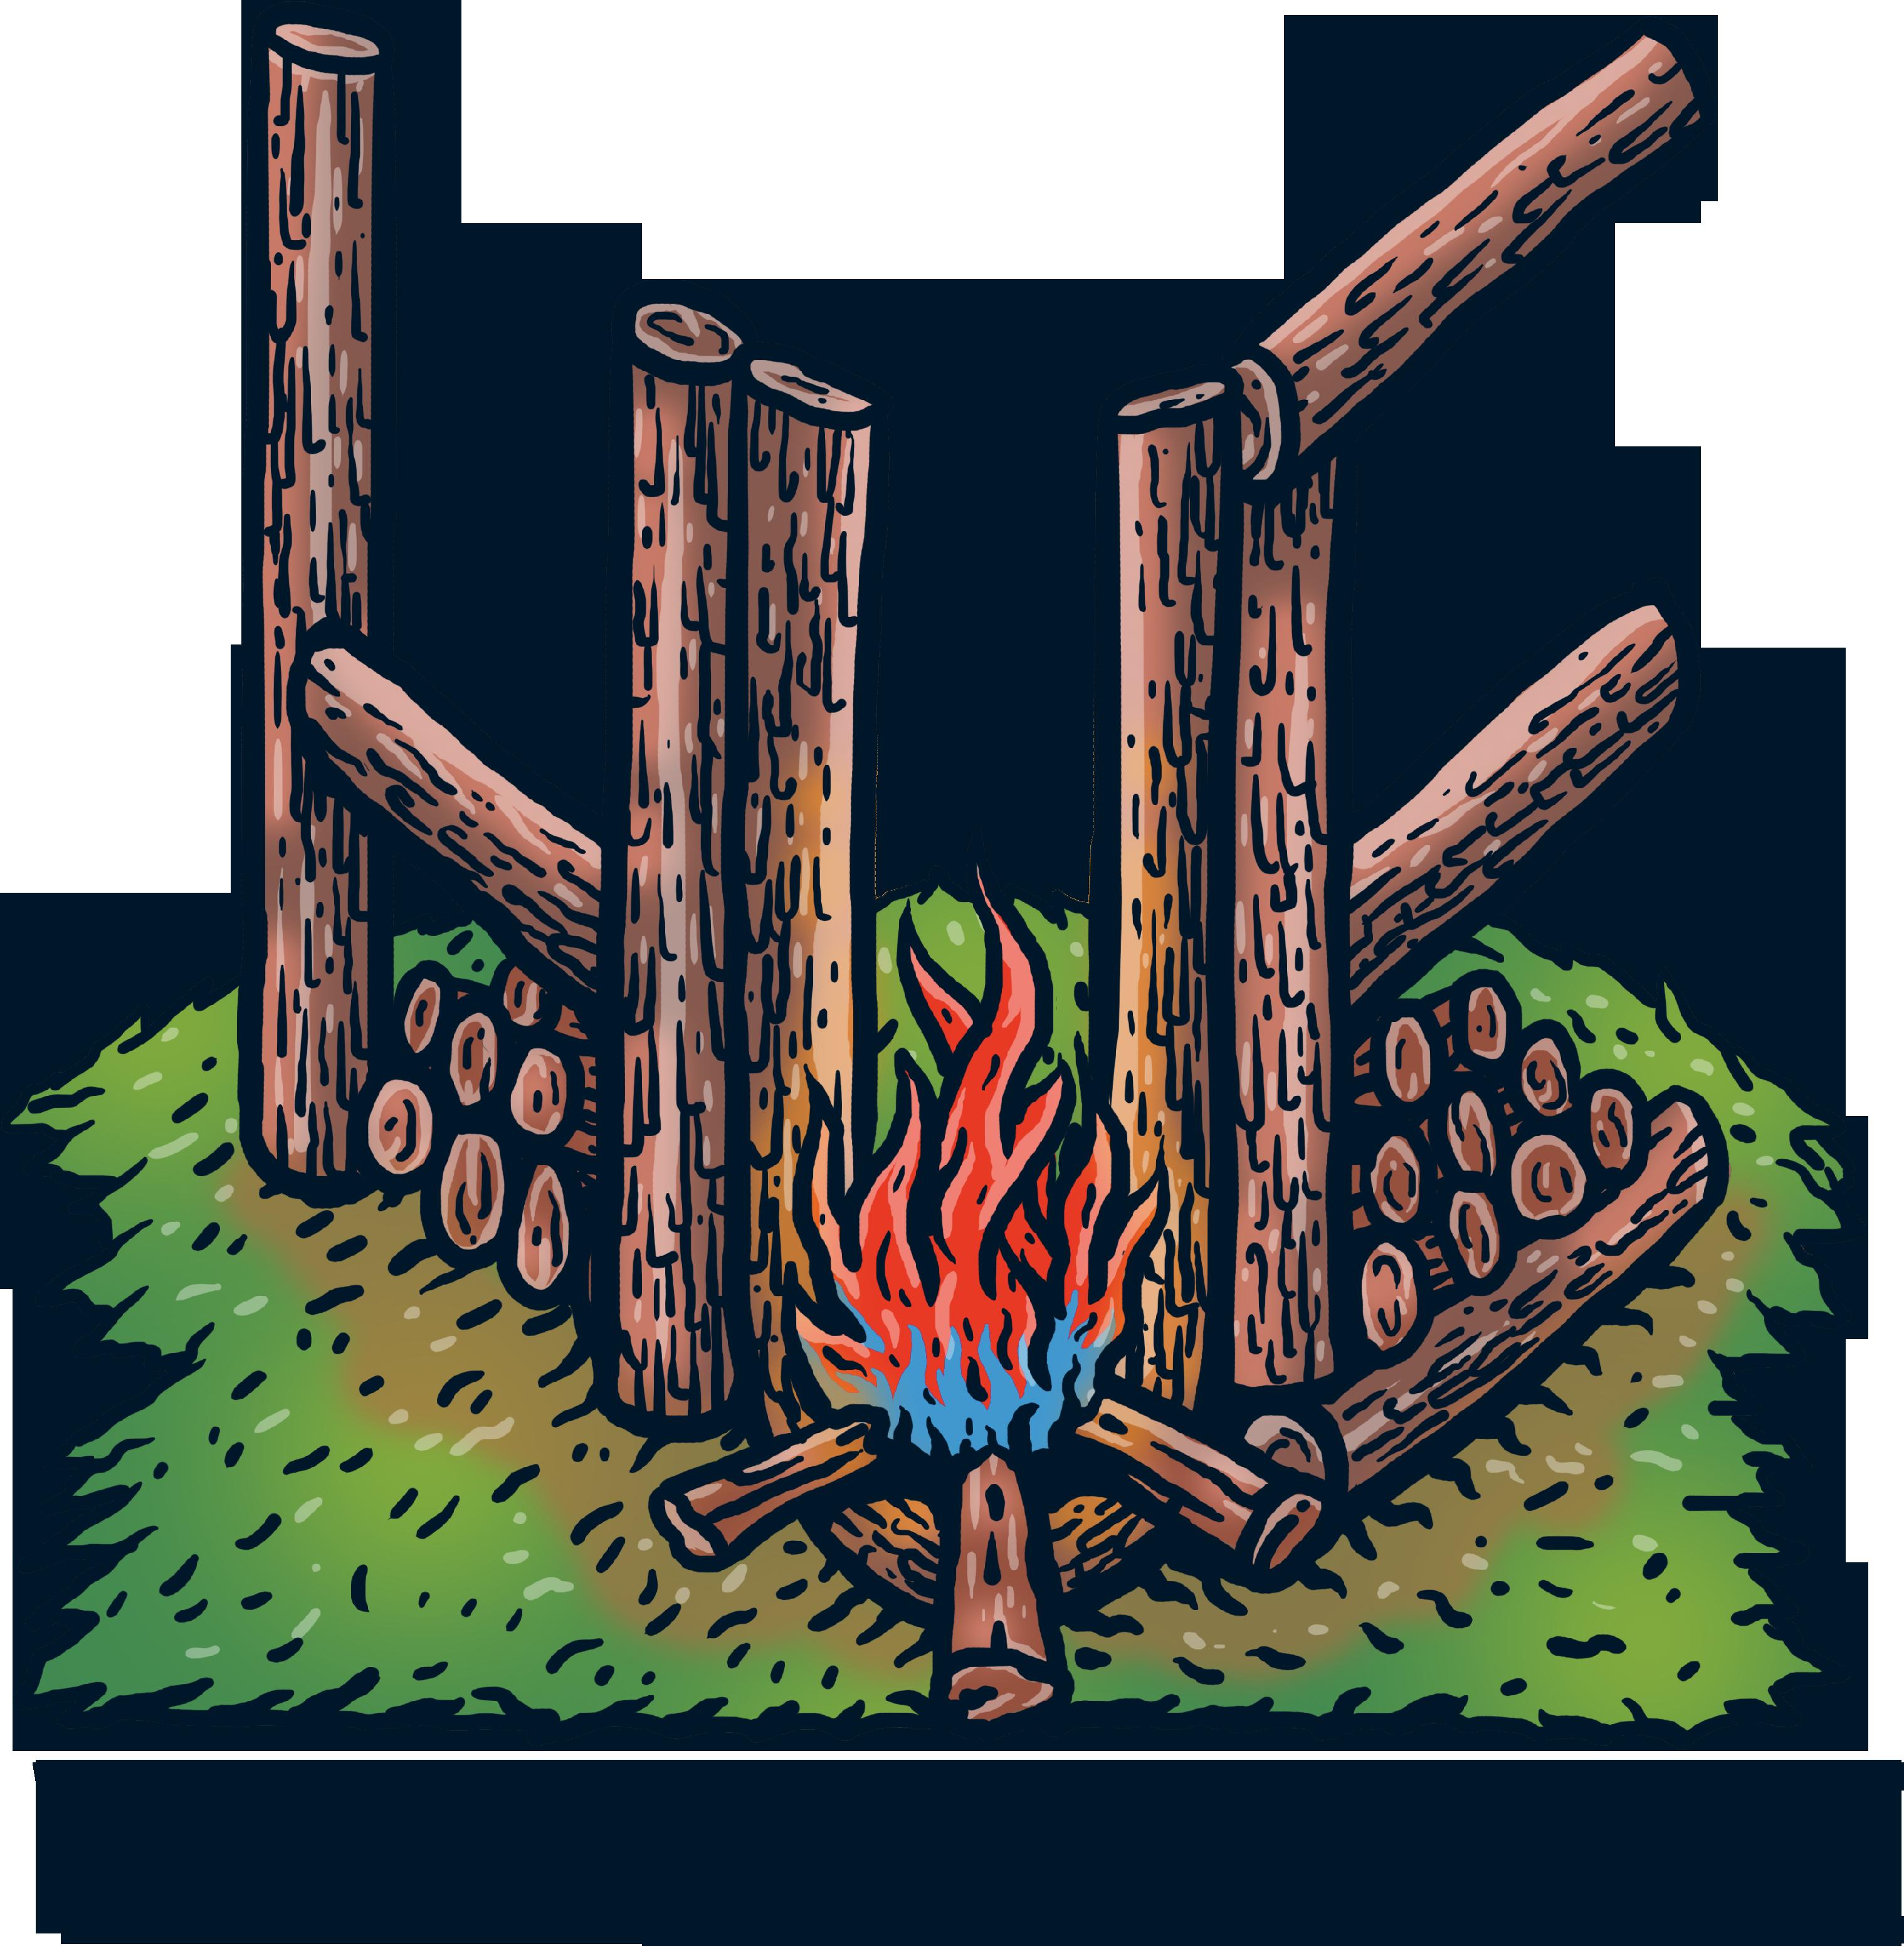 Logo von Hol ums' Eck